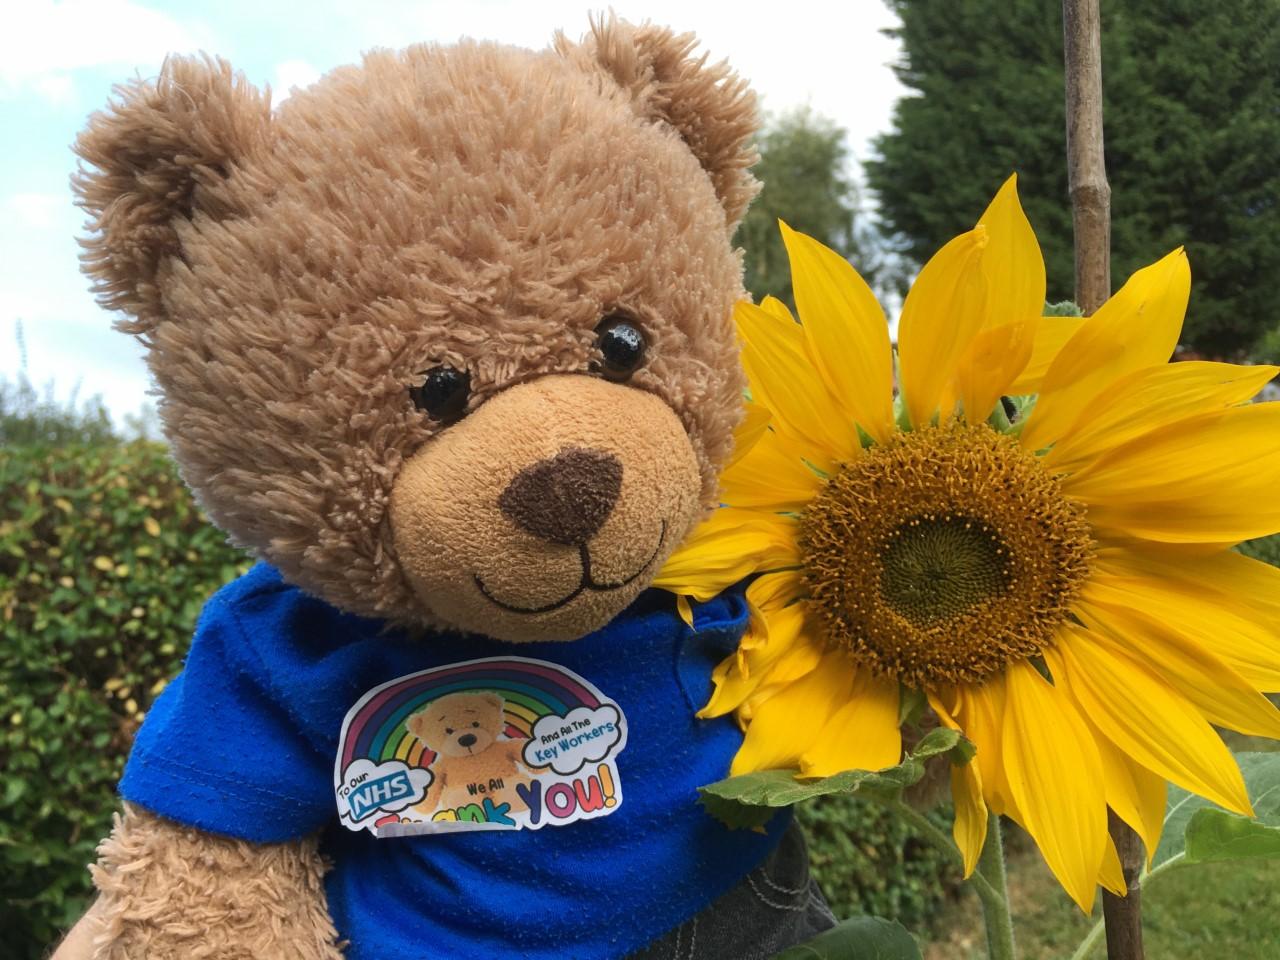 Sunflower and teddy bear.